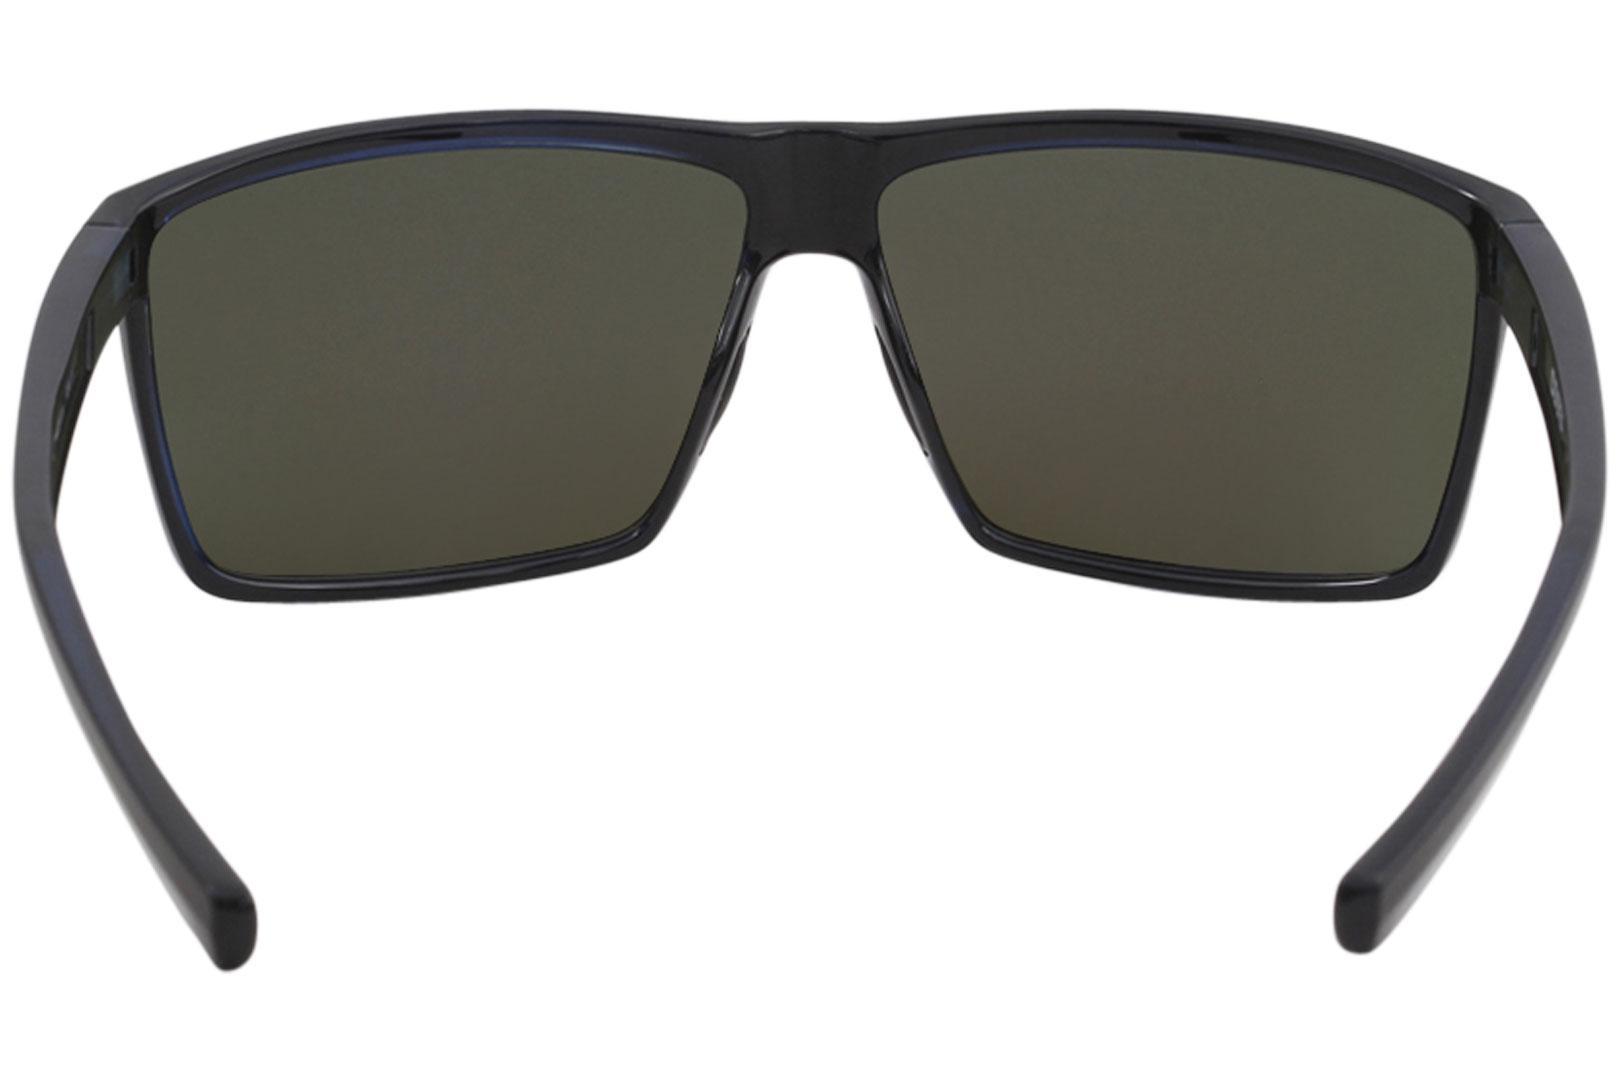 7641ba6585 Costa Del Mar Men s Rincon Fashion Square Polarized Sunglasses by Costa Del  Mar. Touch to zoom